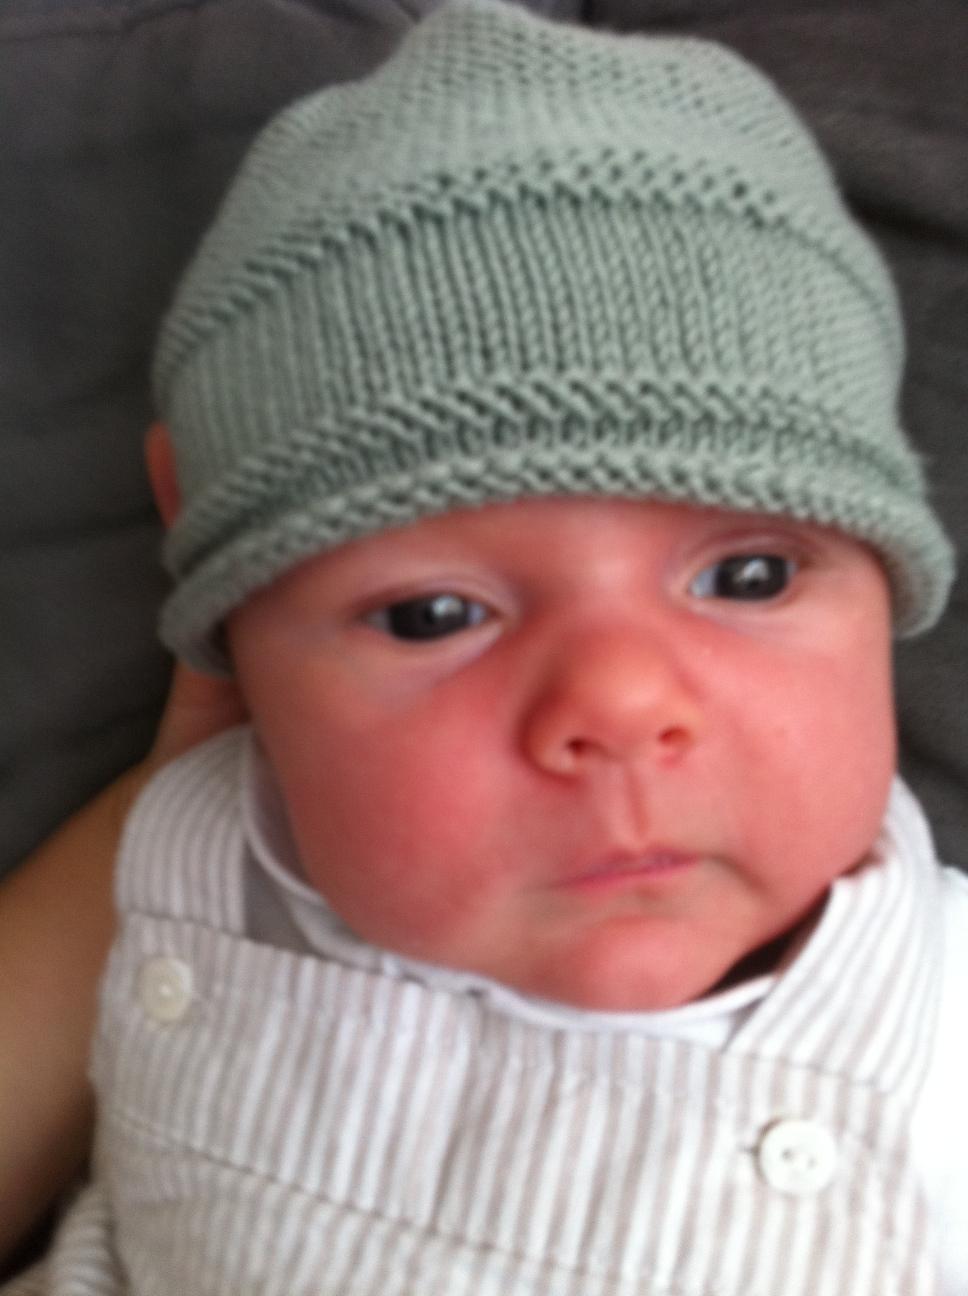 Je veux trouver un joli tricot pour mon bébé ou à offrir pas cher ICI  Modele tricot bonnet bébé facile gratuit 803e08c50ad